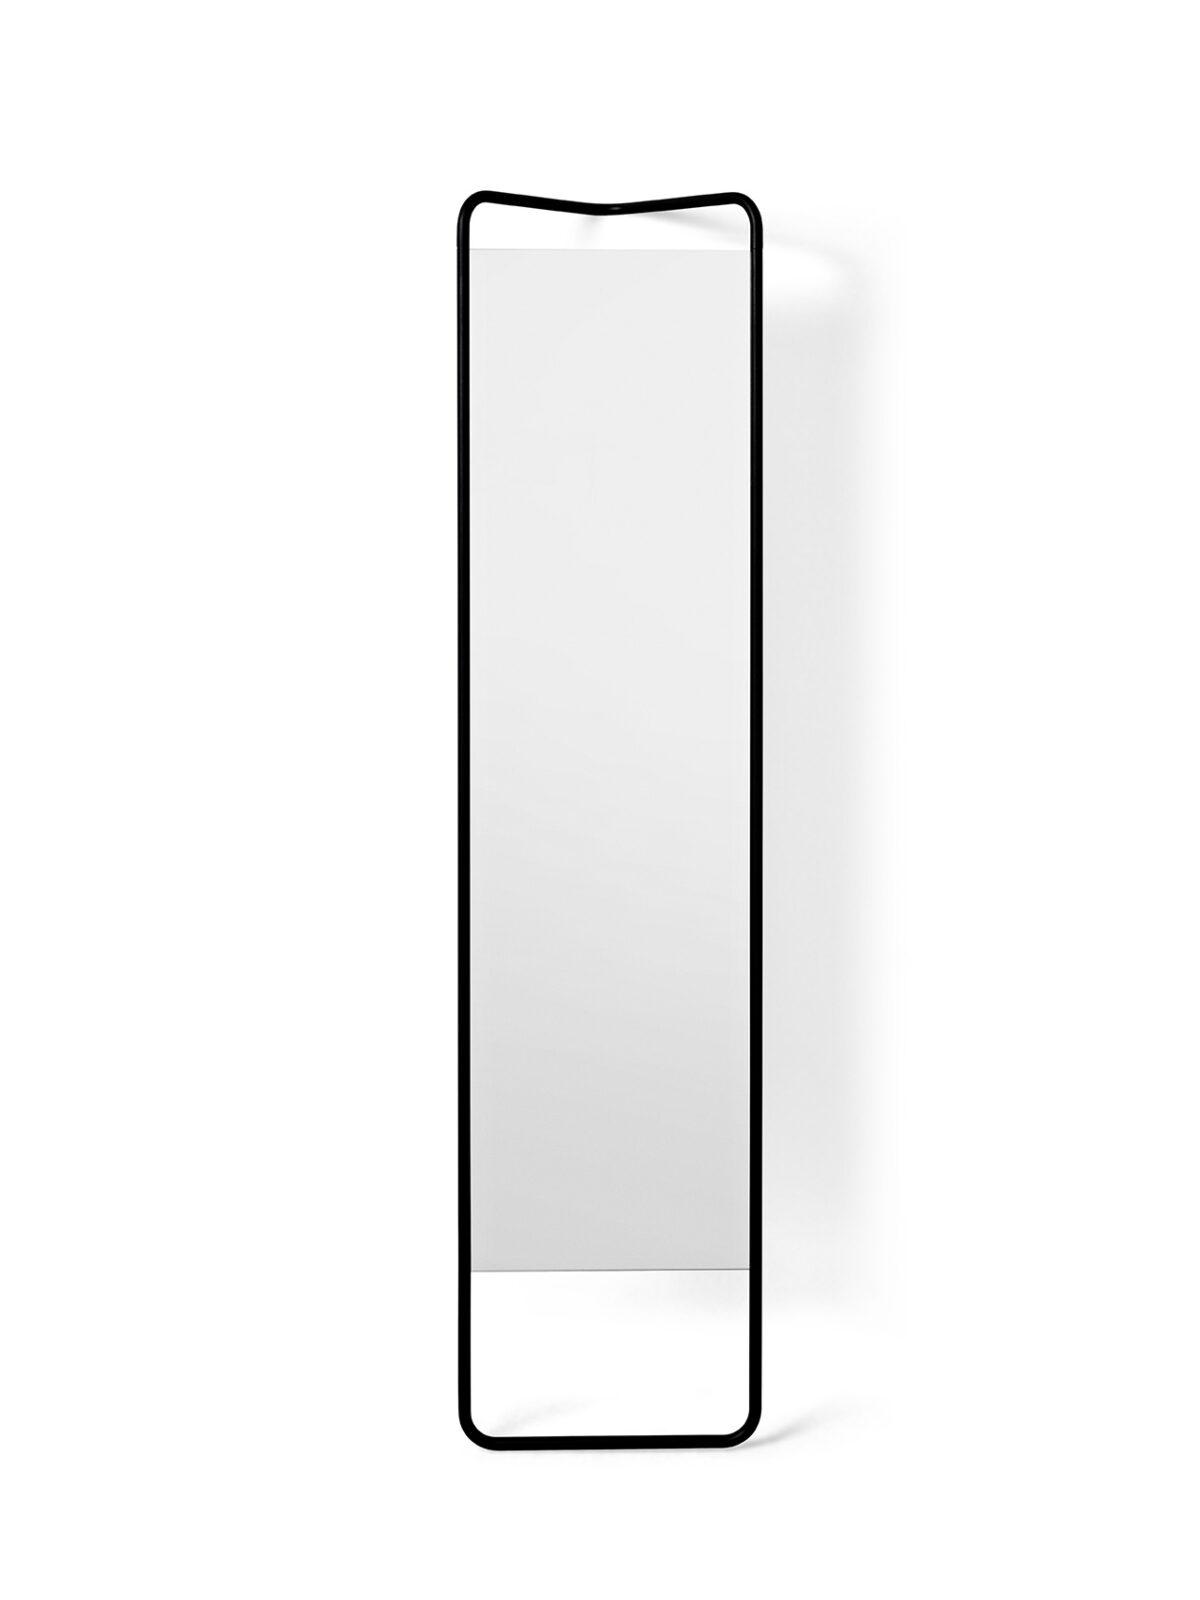 8000539 KaschKasch Floor Mirror Black2019 06 25 13 07 35 639 1